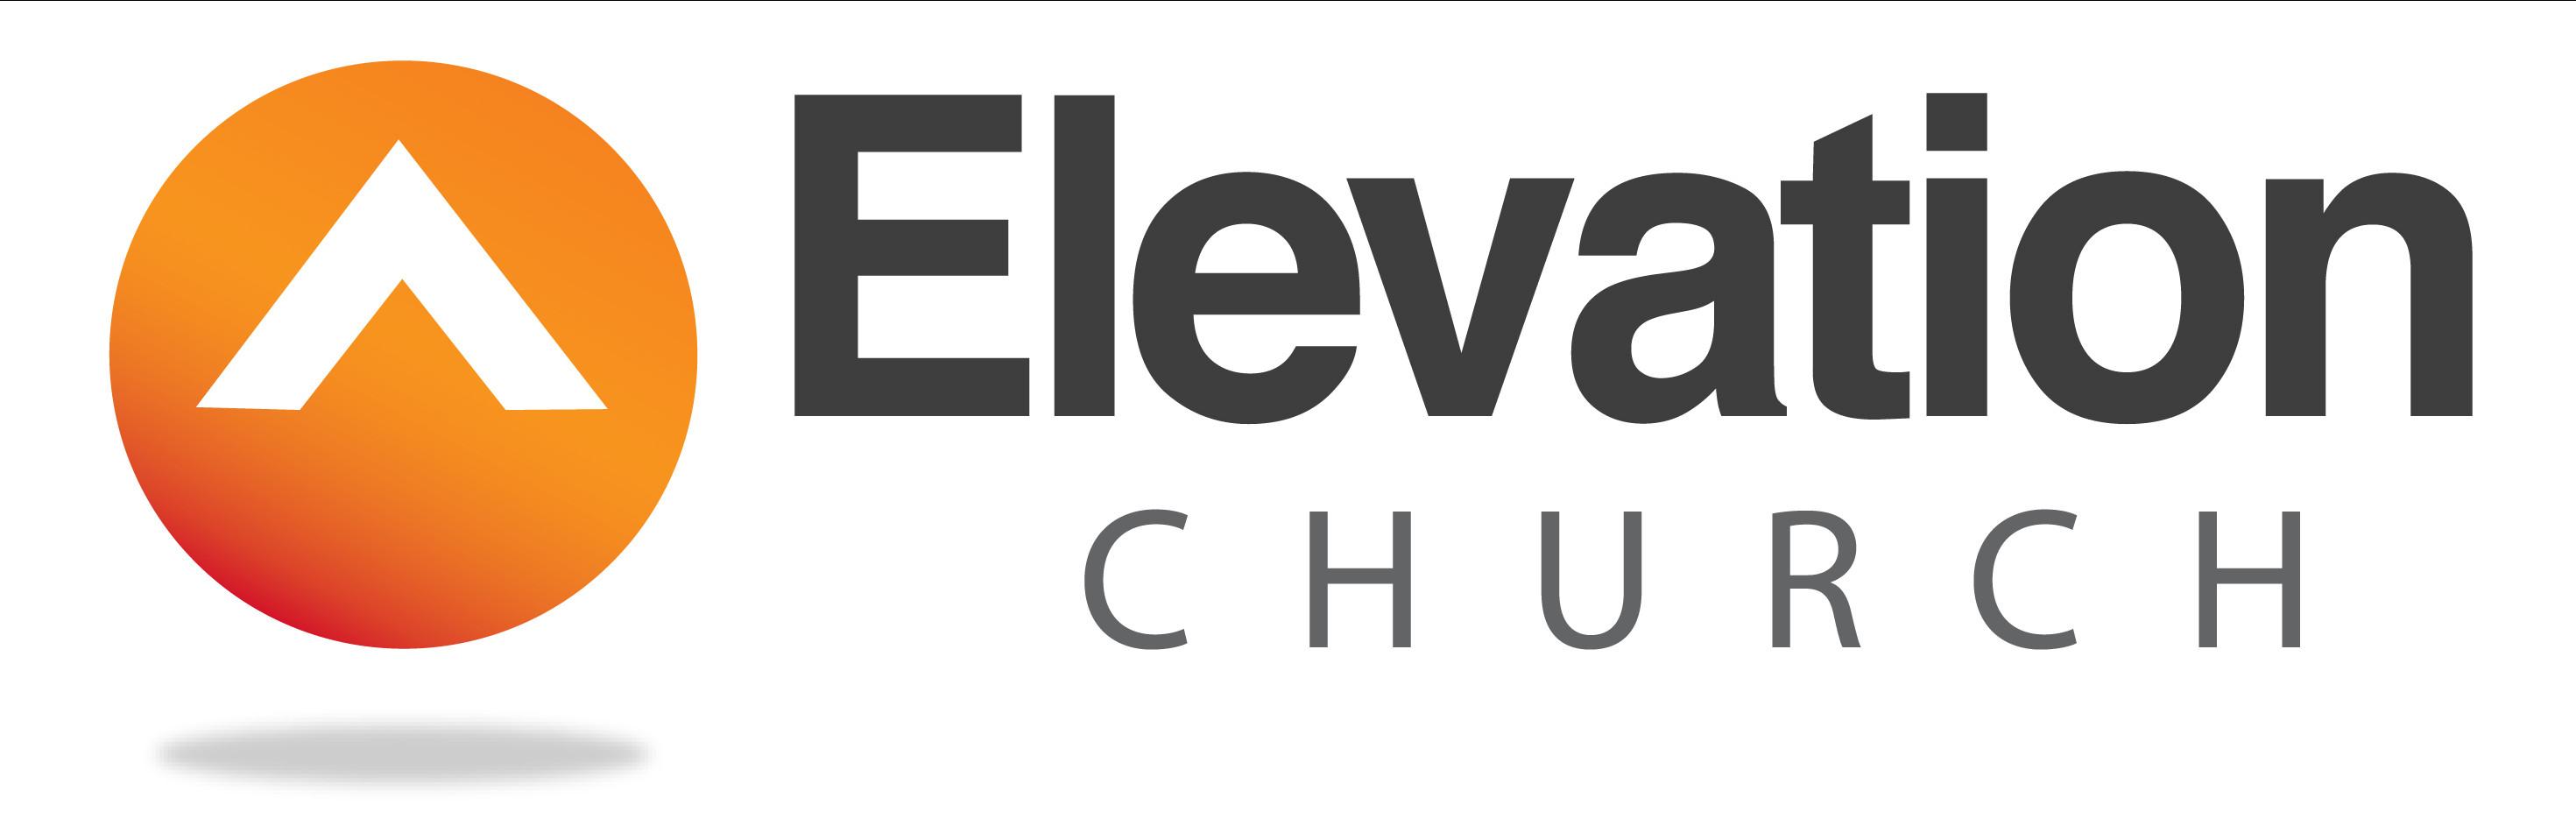 Elevation Church